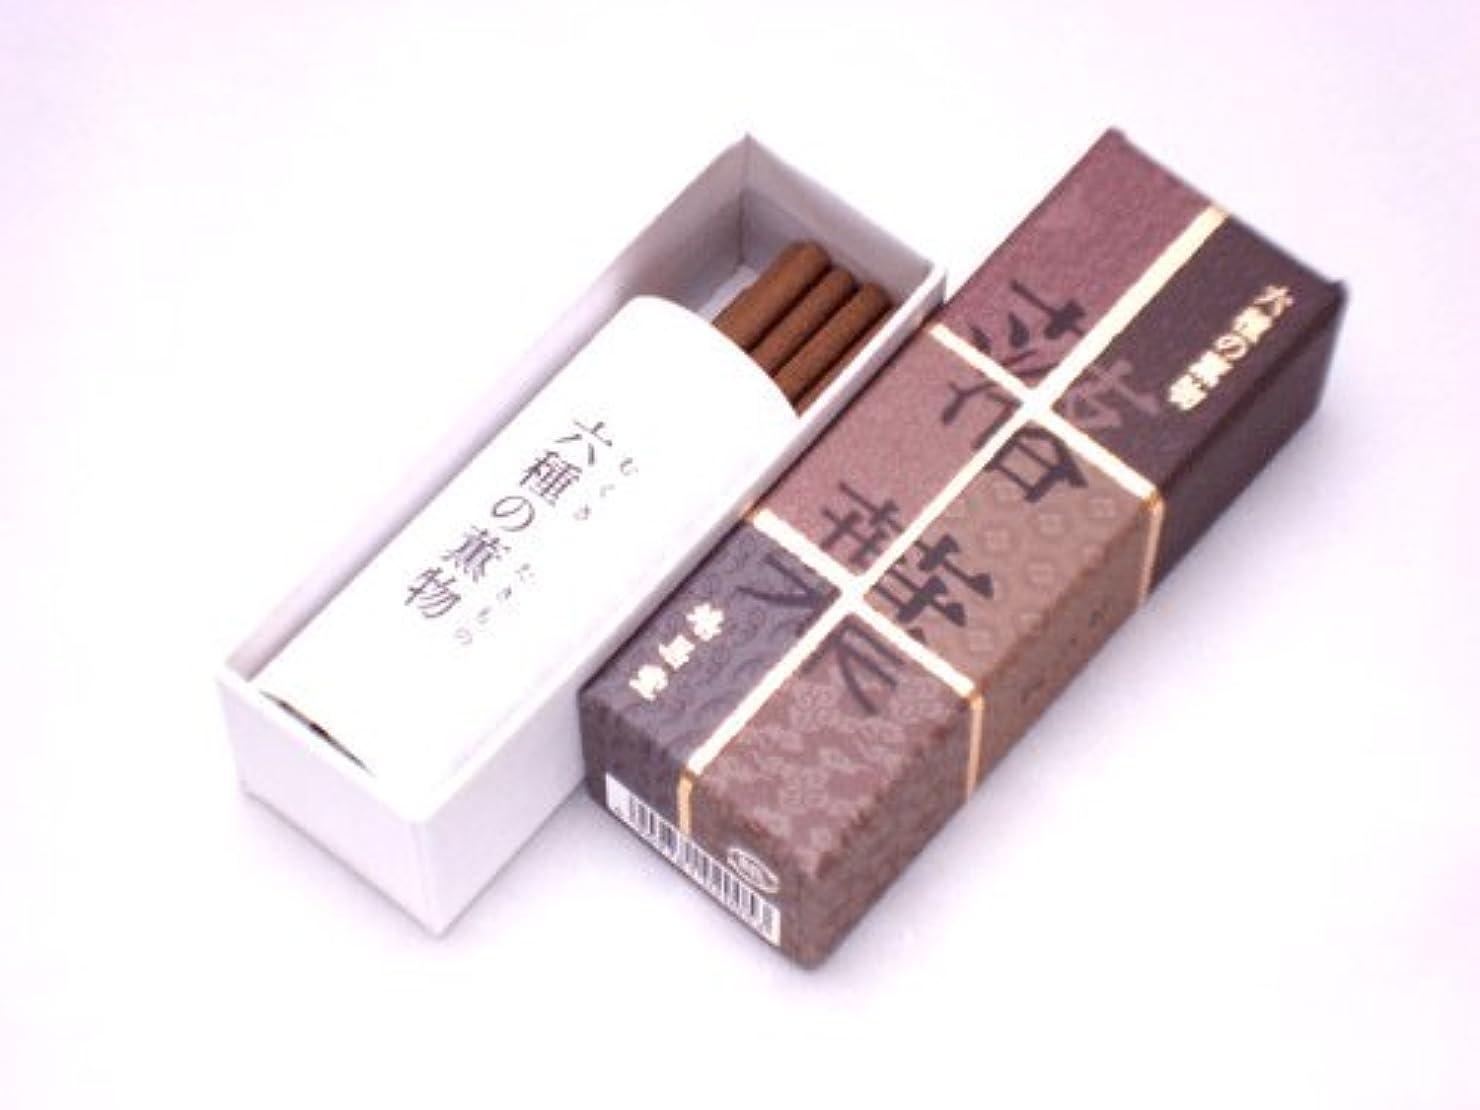 感覚感謝タンク鳩居堂 六種の薫物 落葉(らくよう) スティック【お香】